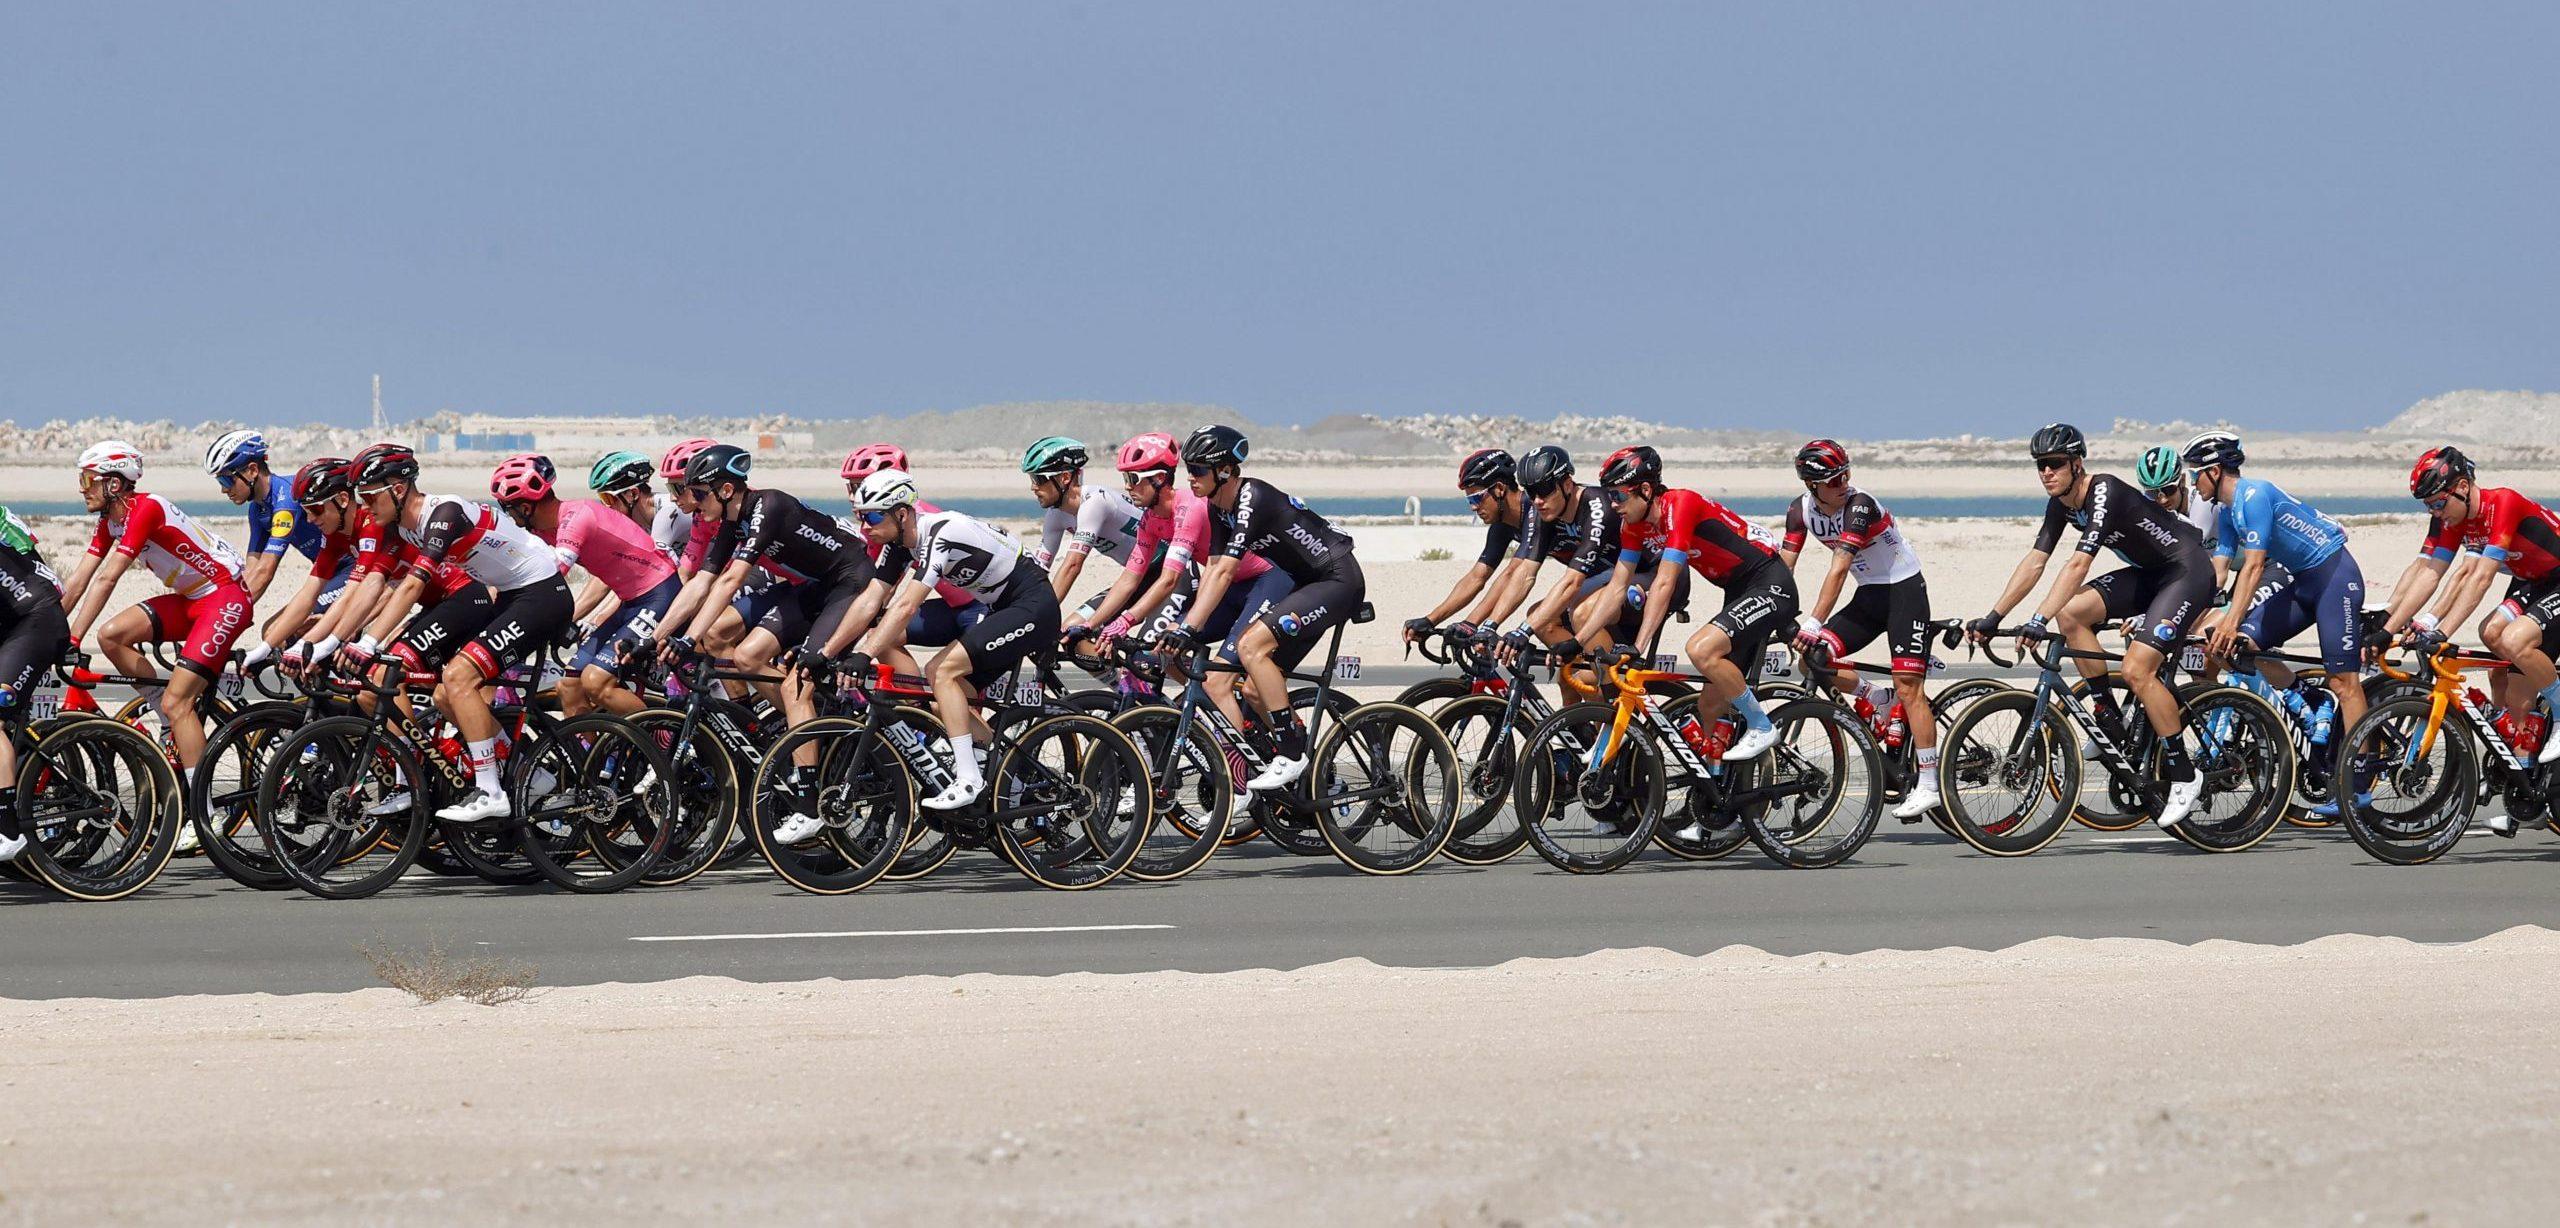 Volg hier de slotetappe van de UAE Tour 2021 - Wielerflits